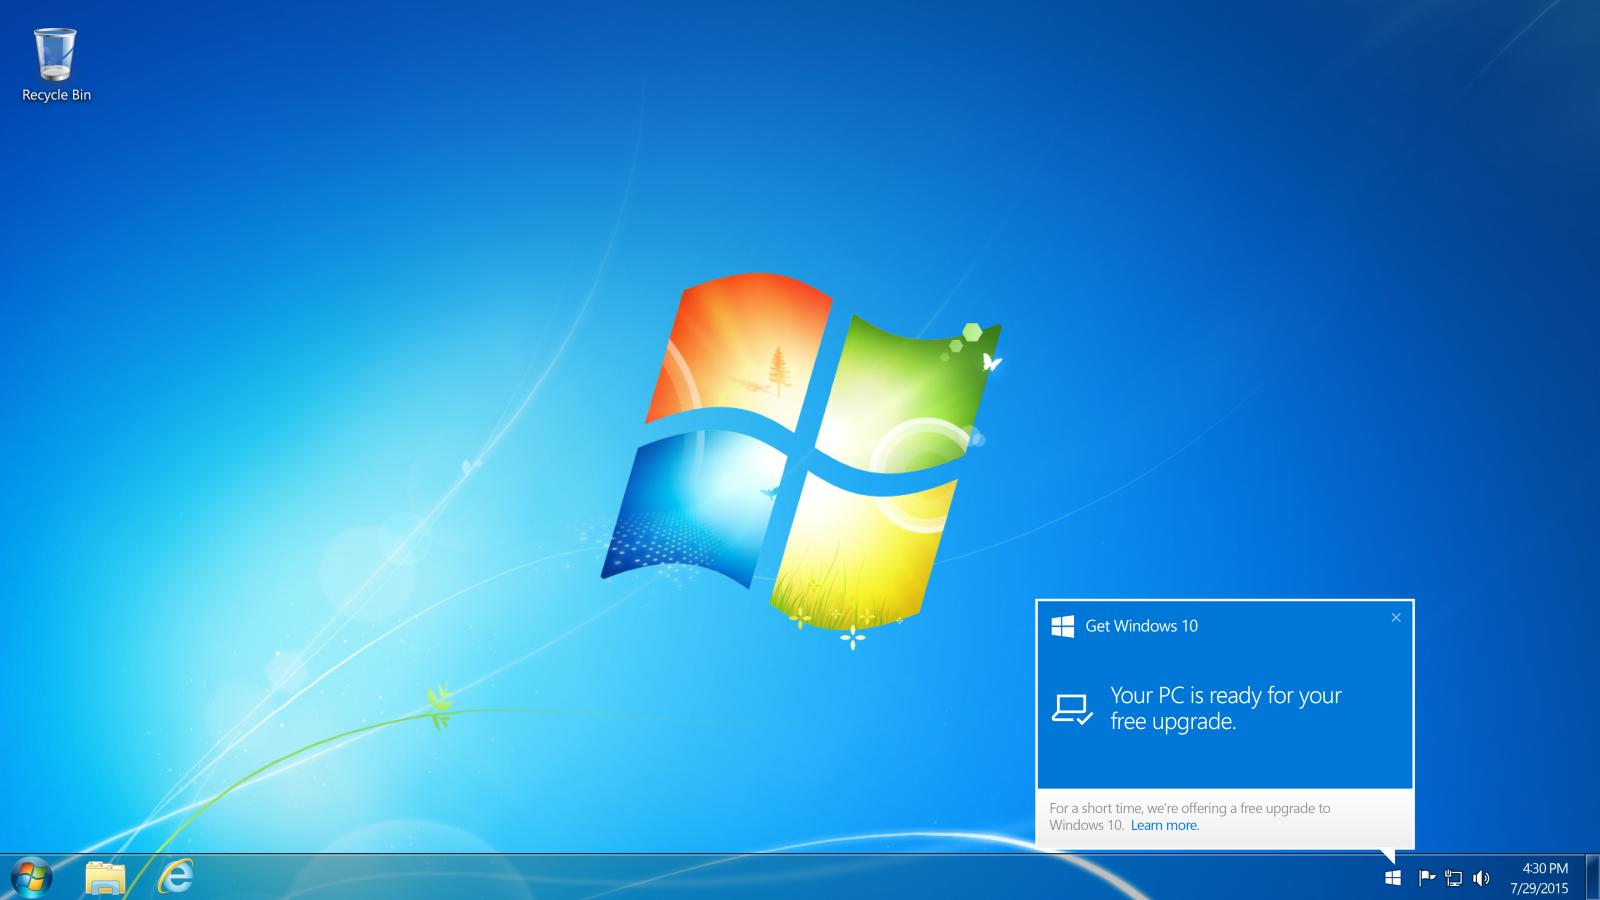 Windows 10 upgrade notification